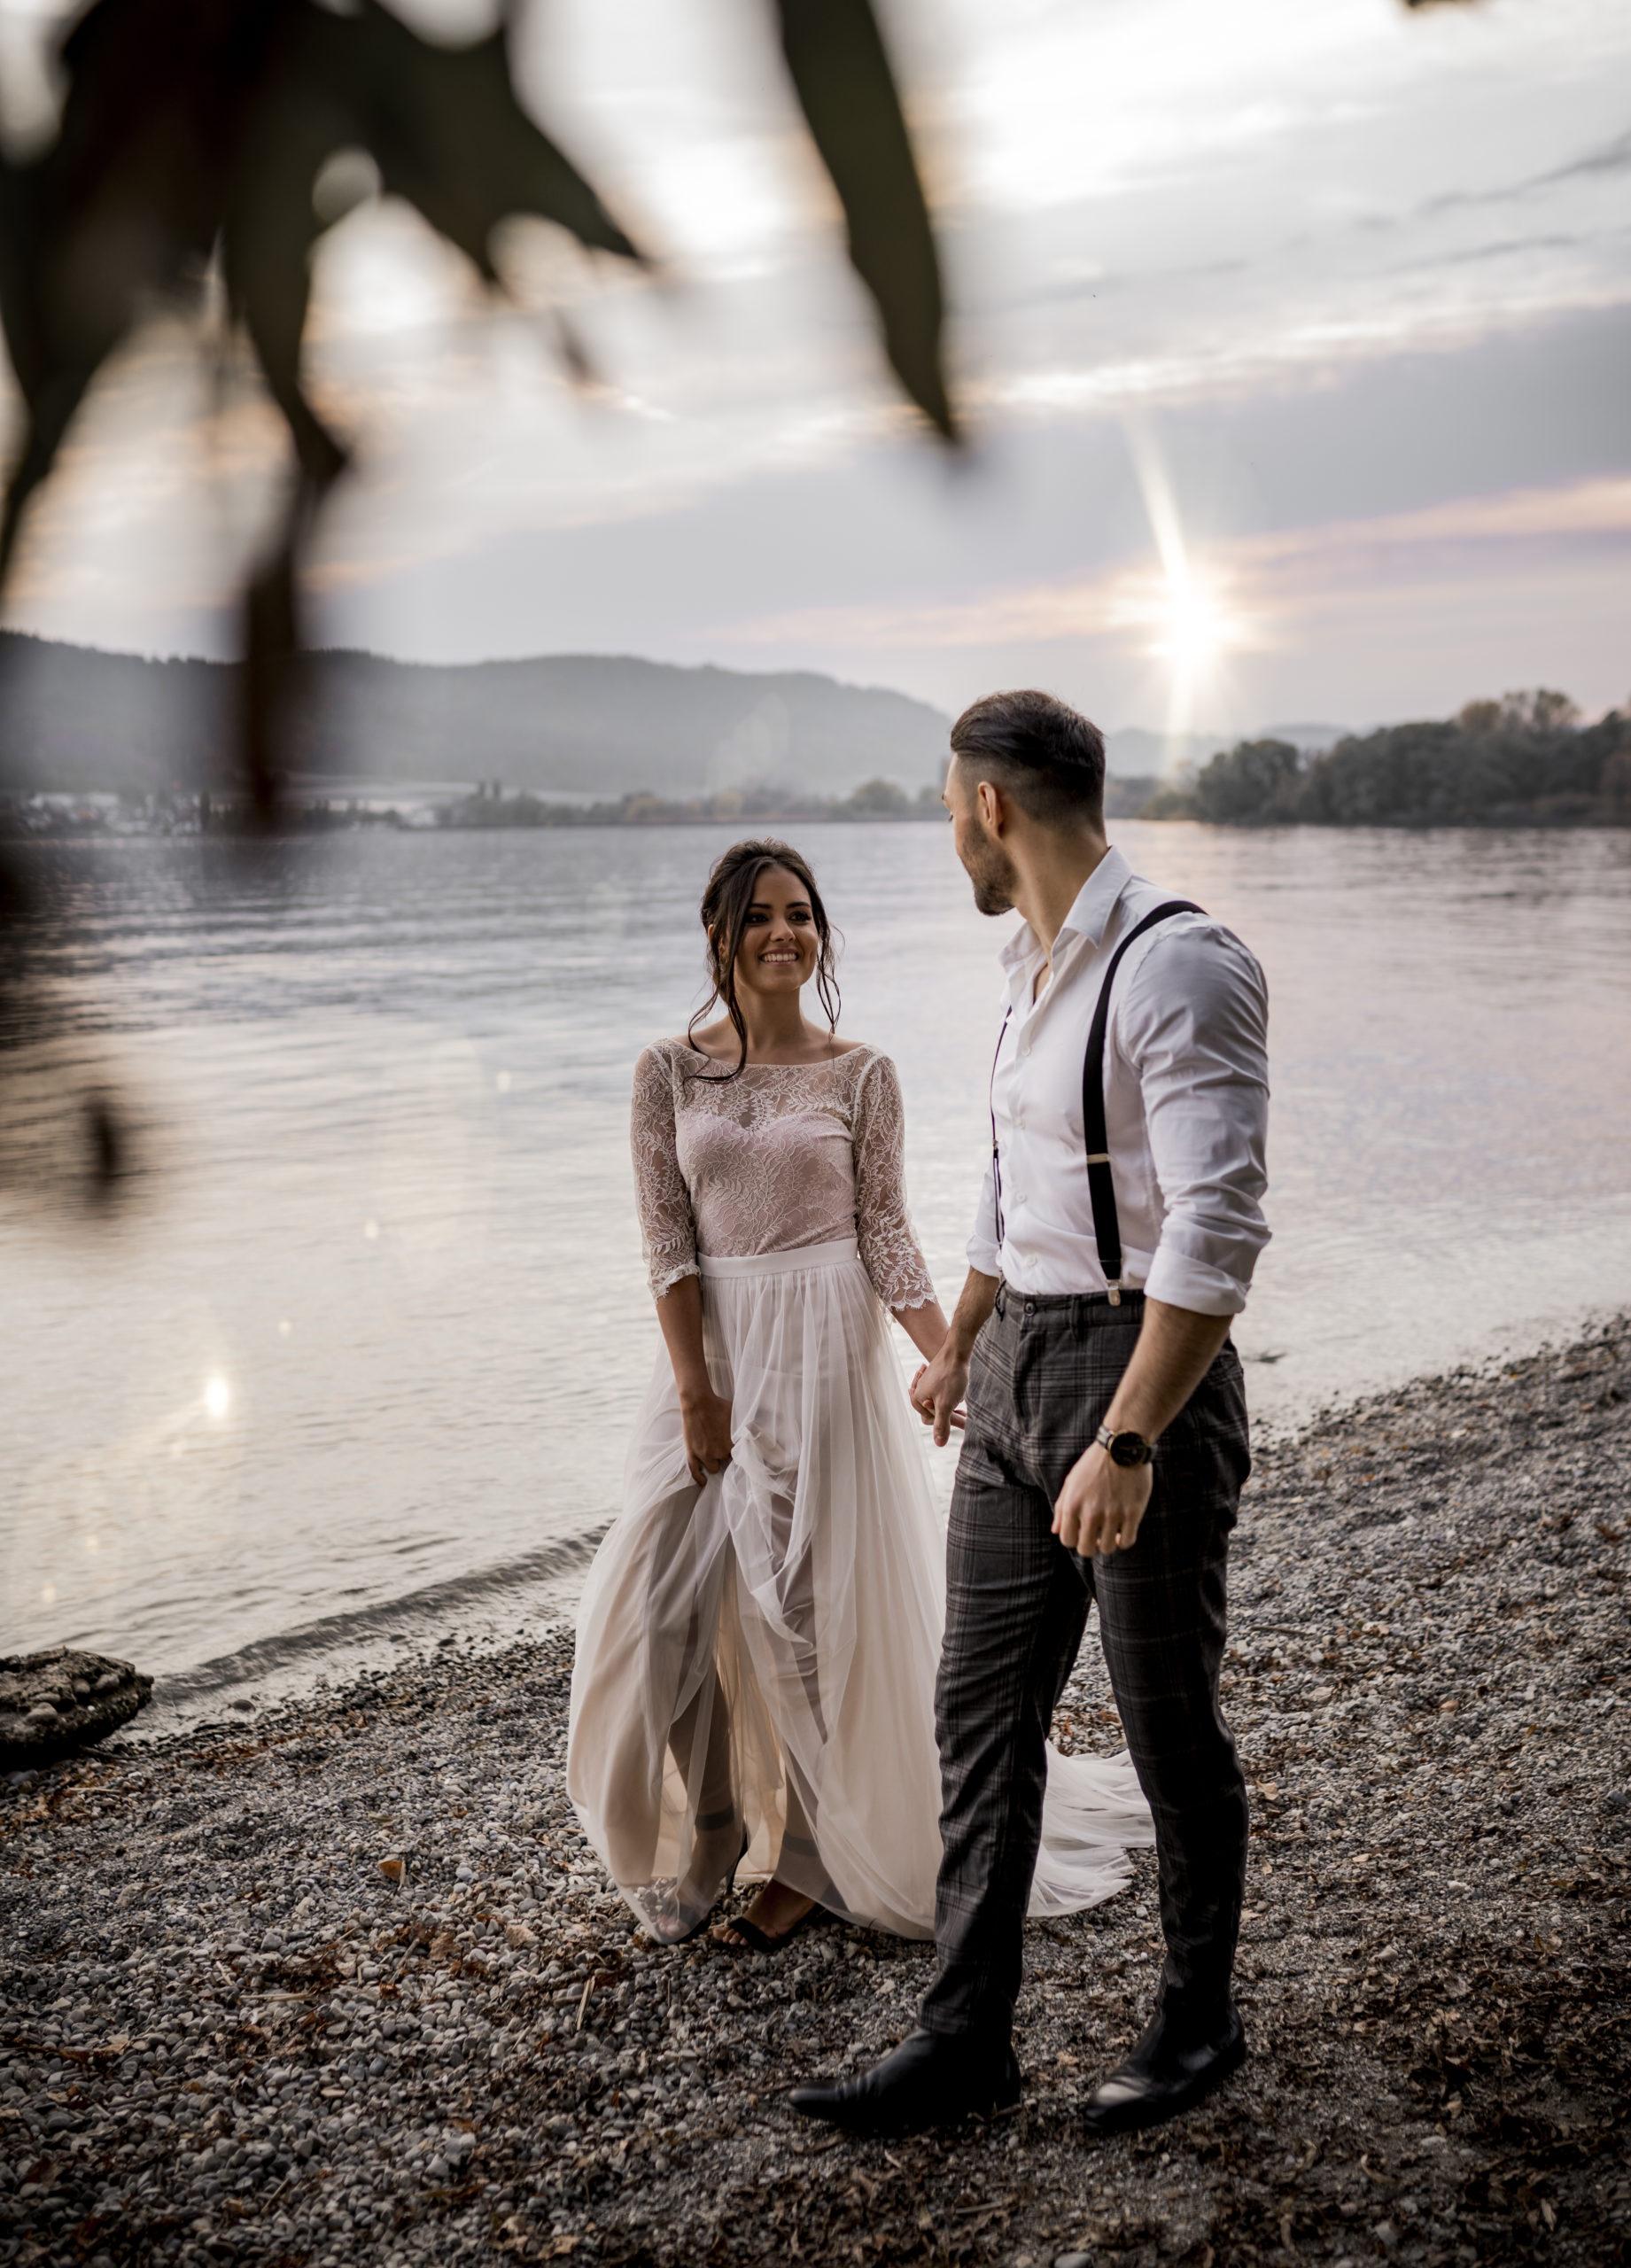 noni Brautmode, Styled Shoot am Bodensee, Model-Pärchen händchenhaltend am Seeufer bei Sonnenschein, Braut mit zweiteiligem Brautkleid in Puderrosa-Optik und Brautstrauss, Bräutigam mit Hemd und Hosenträgern, Vorderansicht, beide lachend